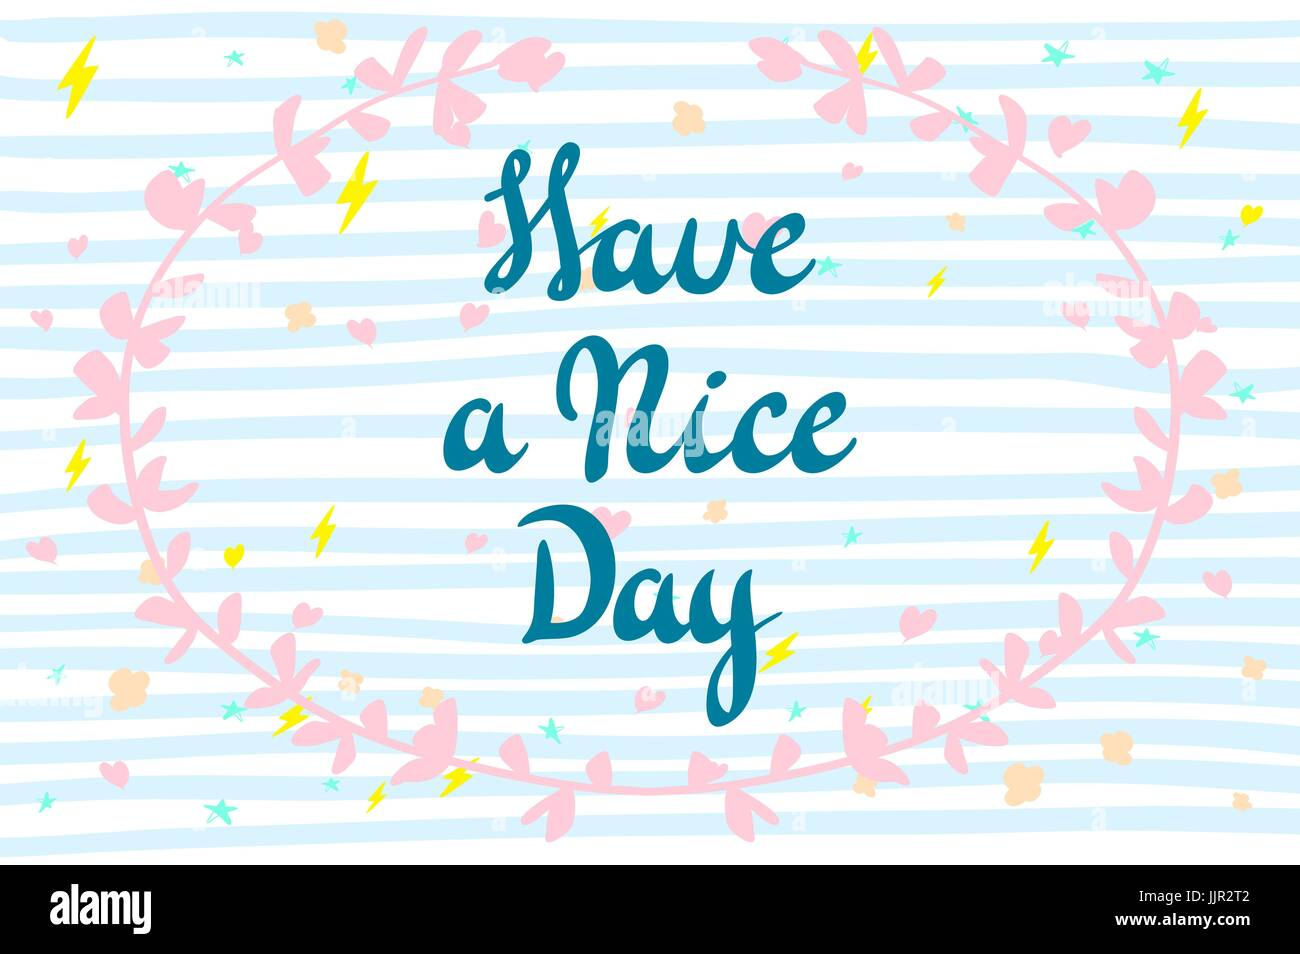 Ich wünsche dir einen schönen Tag. Vektor-Schriftzug für